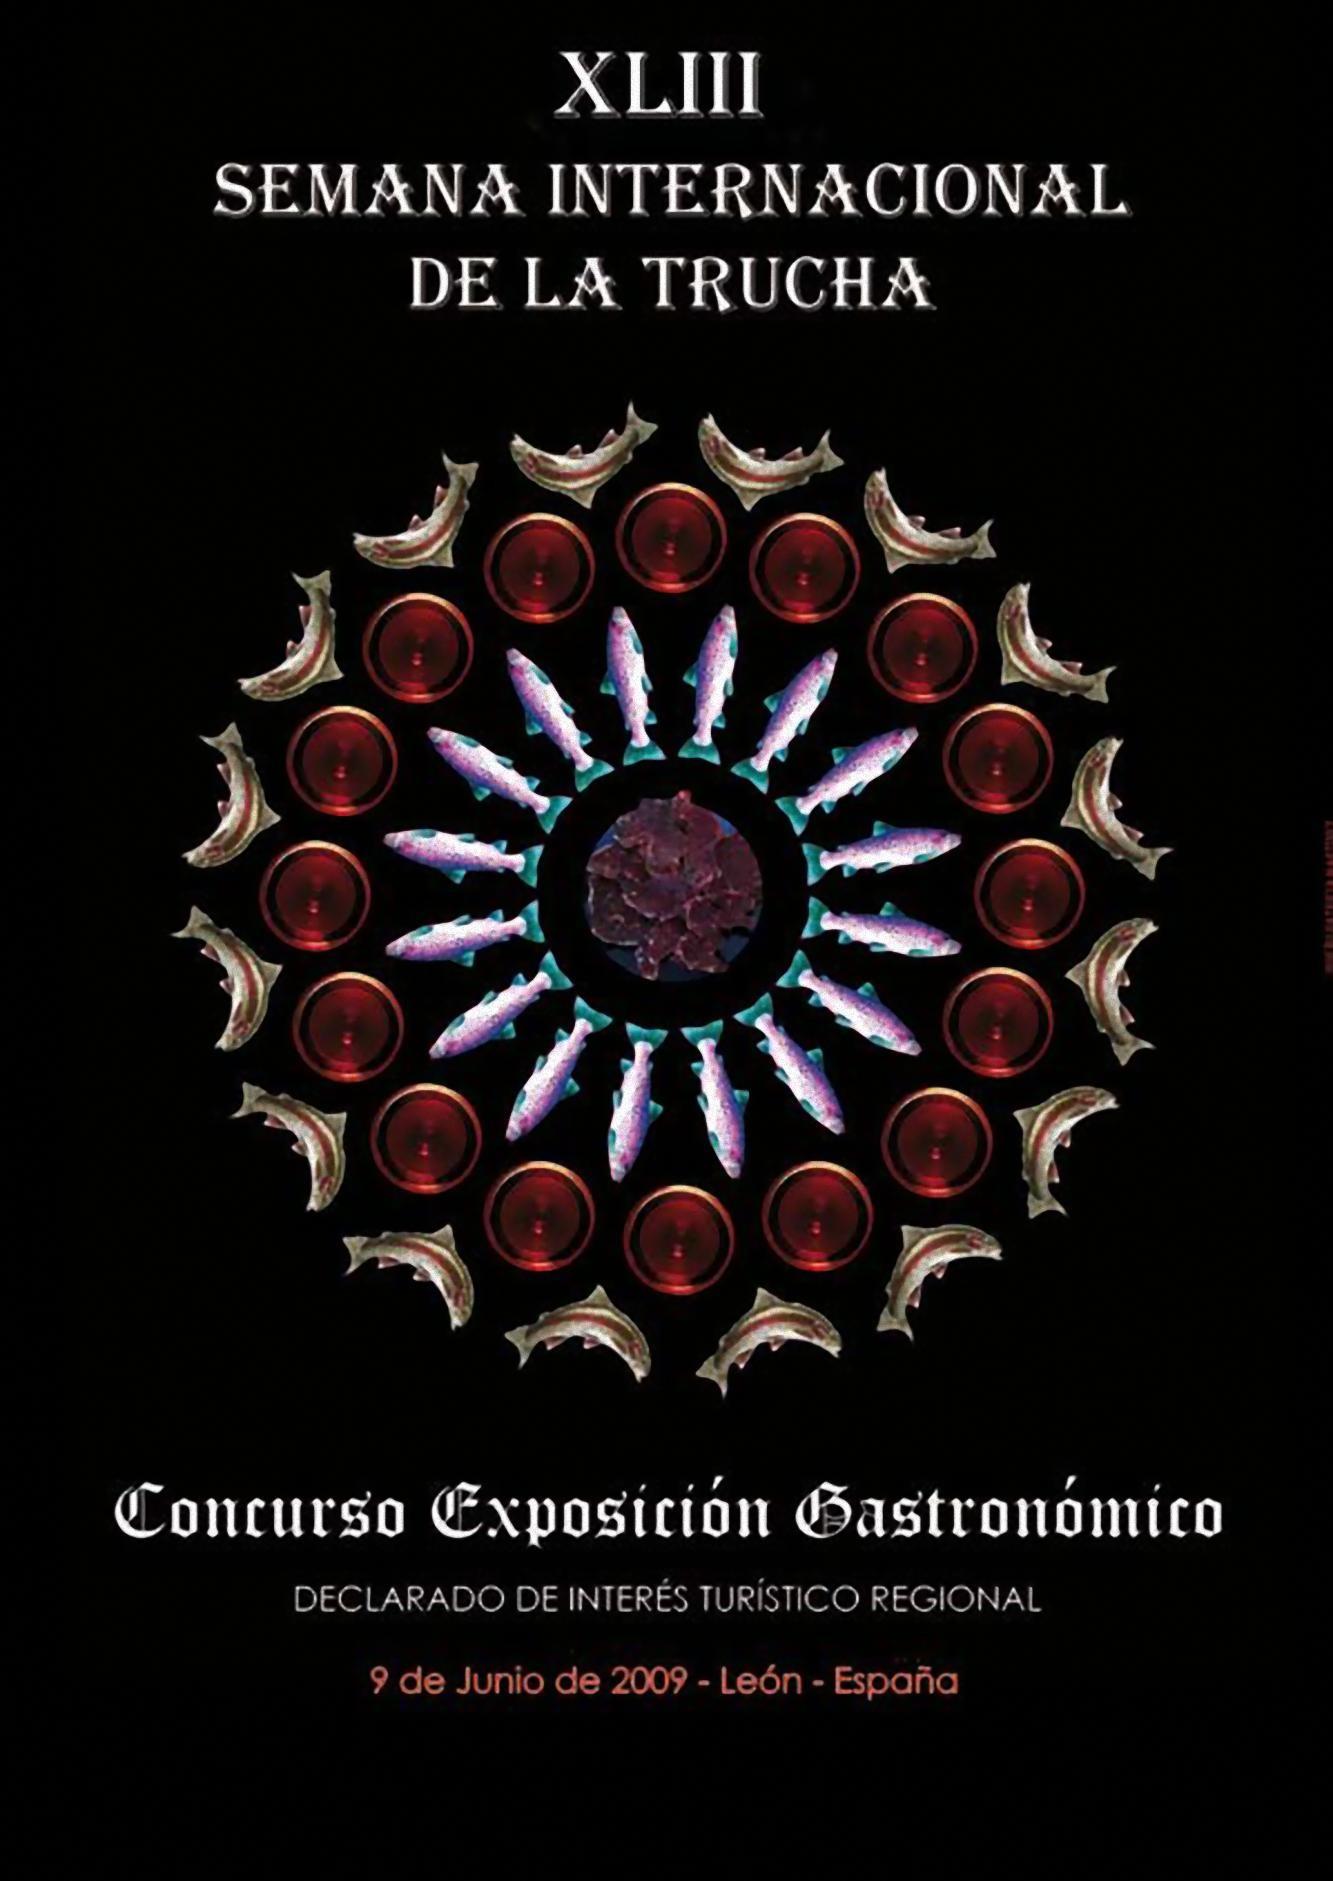 Semana Internacional de la Trucha